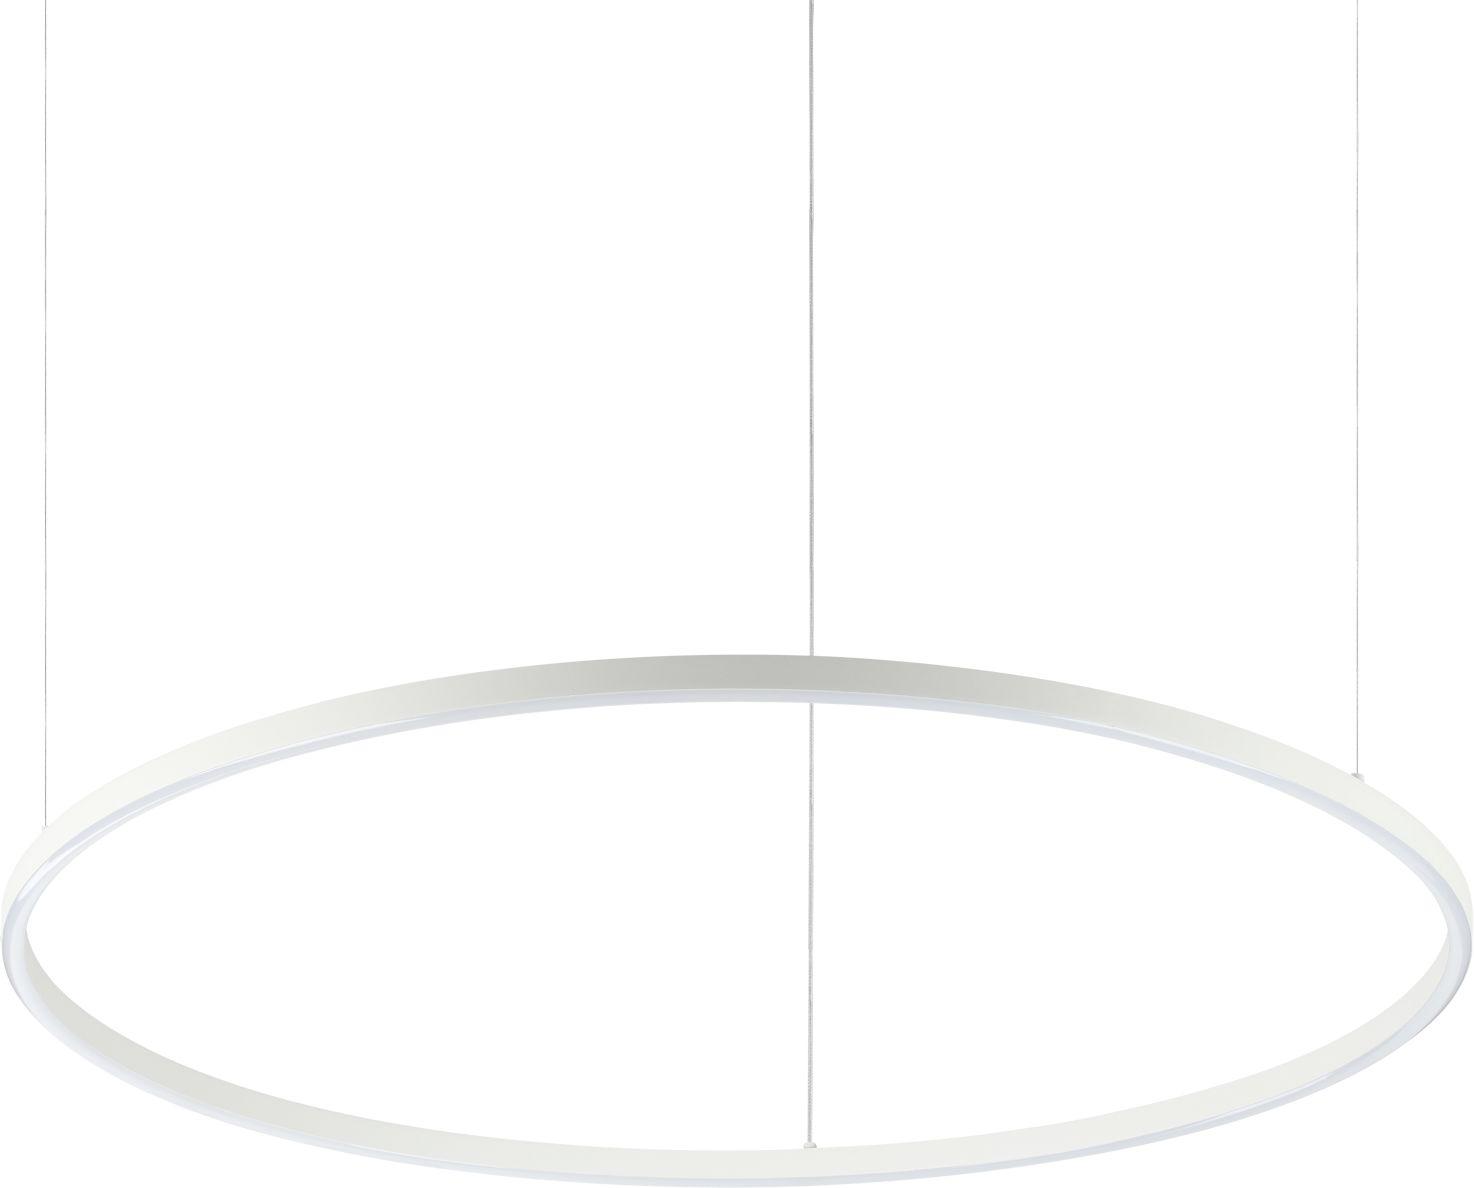 Lampa wisząca Oracle Slim 229478 Ideal Lux nowoczesna oprawa w kolorze białym